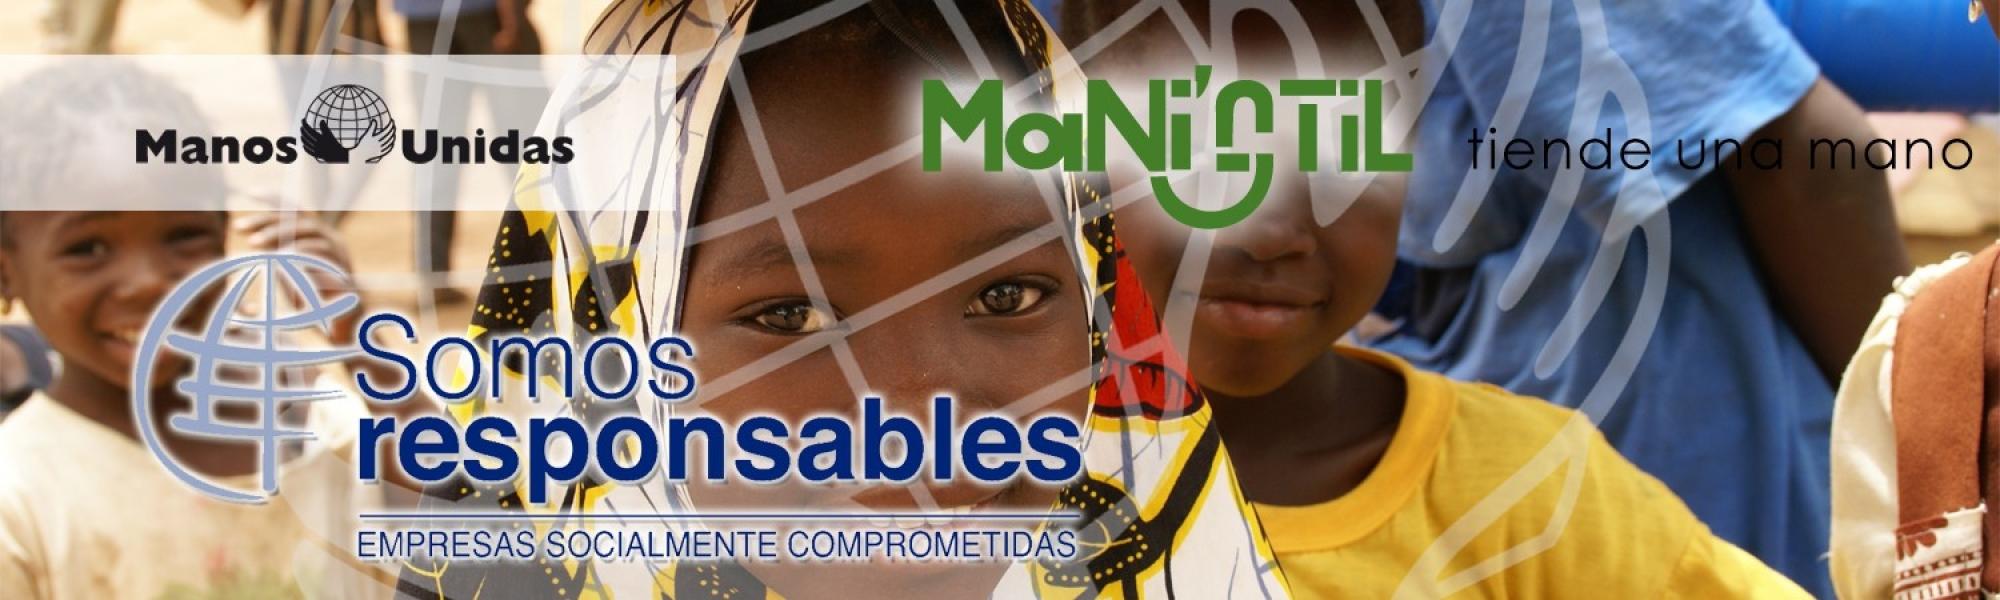 RESPONSABILIDAD SOCAIL MANISTIL